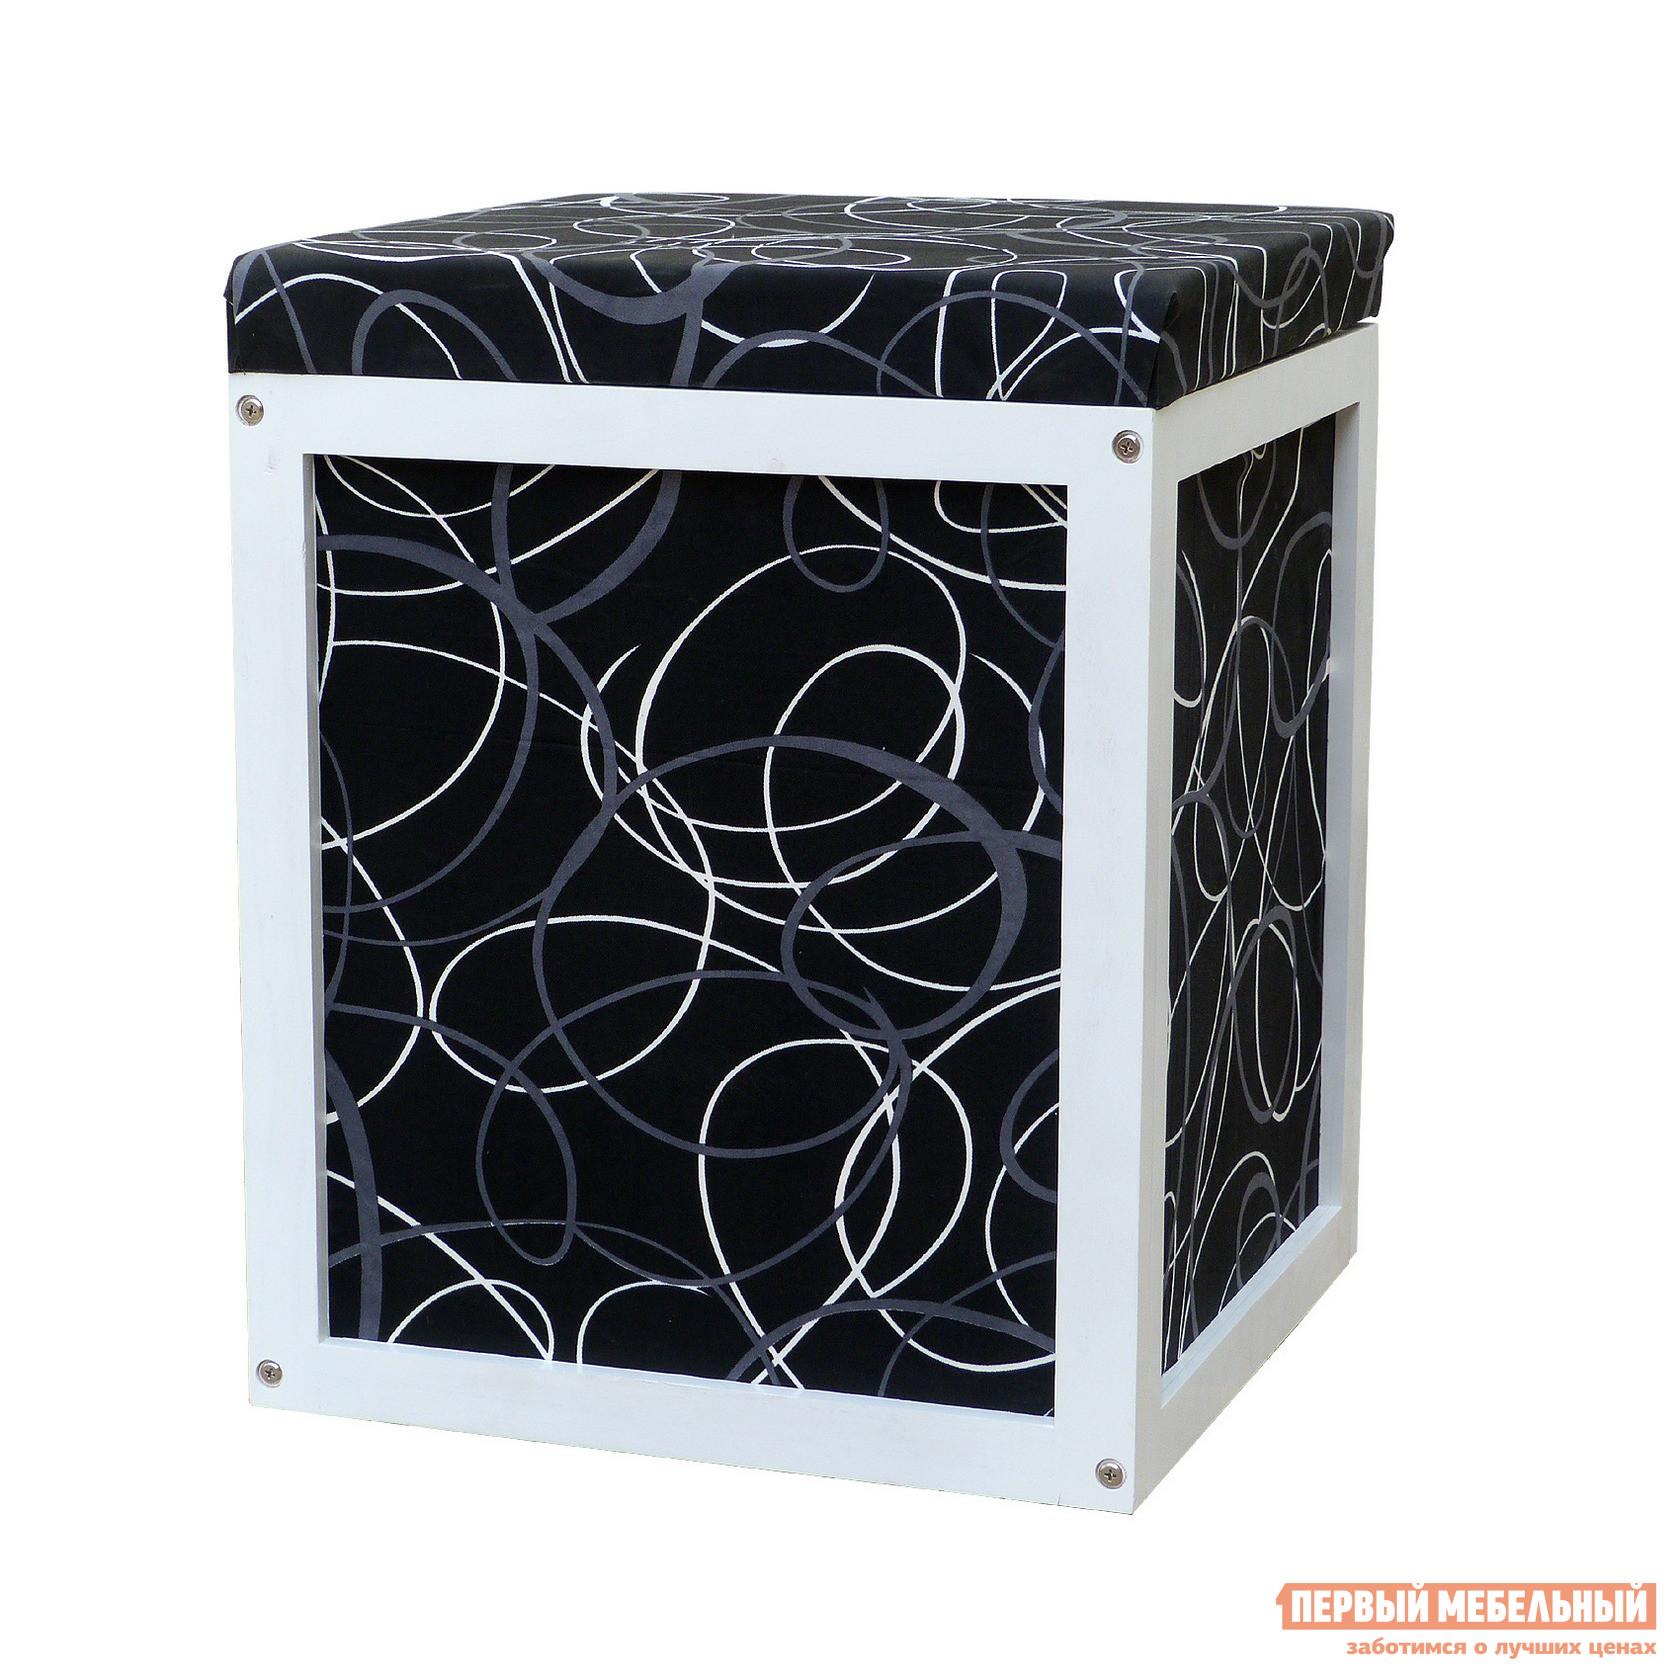 Банкетка Ariva ARIVA-021 (51958) ЧерныйБанкетки<br>Габаритные размеры ВхШхГ 500x400x400 мм. Банкетка выполнена в современном стиле, она изящная и практичная.  Стильная модель гармонично впишется в любую из комнат в доме. Изделие оснащено мягким откидным сиденьем размером 400 x 400 мм.  Под ним расположен вместительный ящик, в котором можно хранить различные вещи и предметы. Максимальная нагрузка составляет 100 кг. Каркас банкетки выполнен из павловнии.  Обивка изготовлена из полиэстера.<br><br>Цвет: Черный<br>Цвет: Черный<br>Высота мм: 500<br>Ширина мм: 400<br>Глубина мм: 400<br>Кол-во упаковок: 1<br>Форма поставки: В разобранном виде<br>Срок гарантии: 1 год<br>Тип: Тумба<br>Назначение: Для кухни, Для спальни, В прихожую, Для офиса, Для гостиной<br>Материал: Деревянные, из ткани, Из натурального дерева<br>Порода дерева: Из павловнии<br>Форма: Прямоугольные<br>Размер: Маленькие, Узкие, Одноместные<br>Высота: Низкие<br>Особенности: С ящиками, С мягким сиденьем, С рисунком, С крышкой, Без спинки<br>Стиль: Современный, В стиле лофт